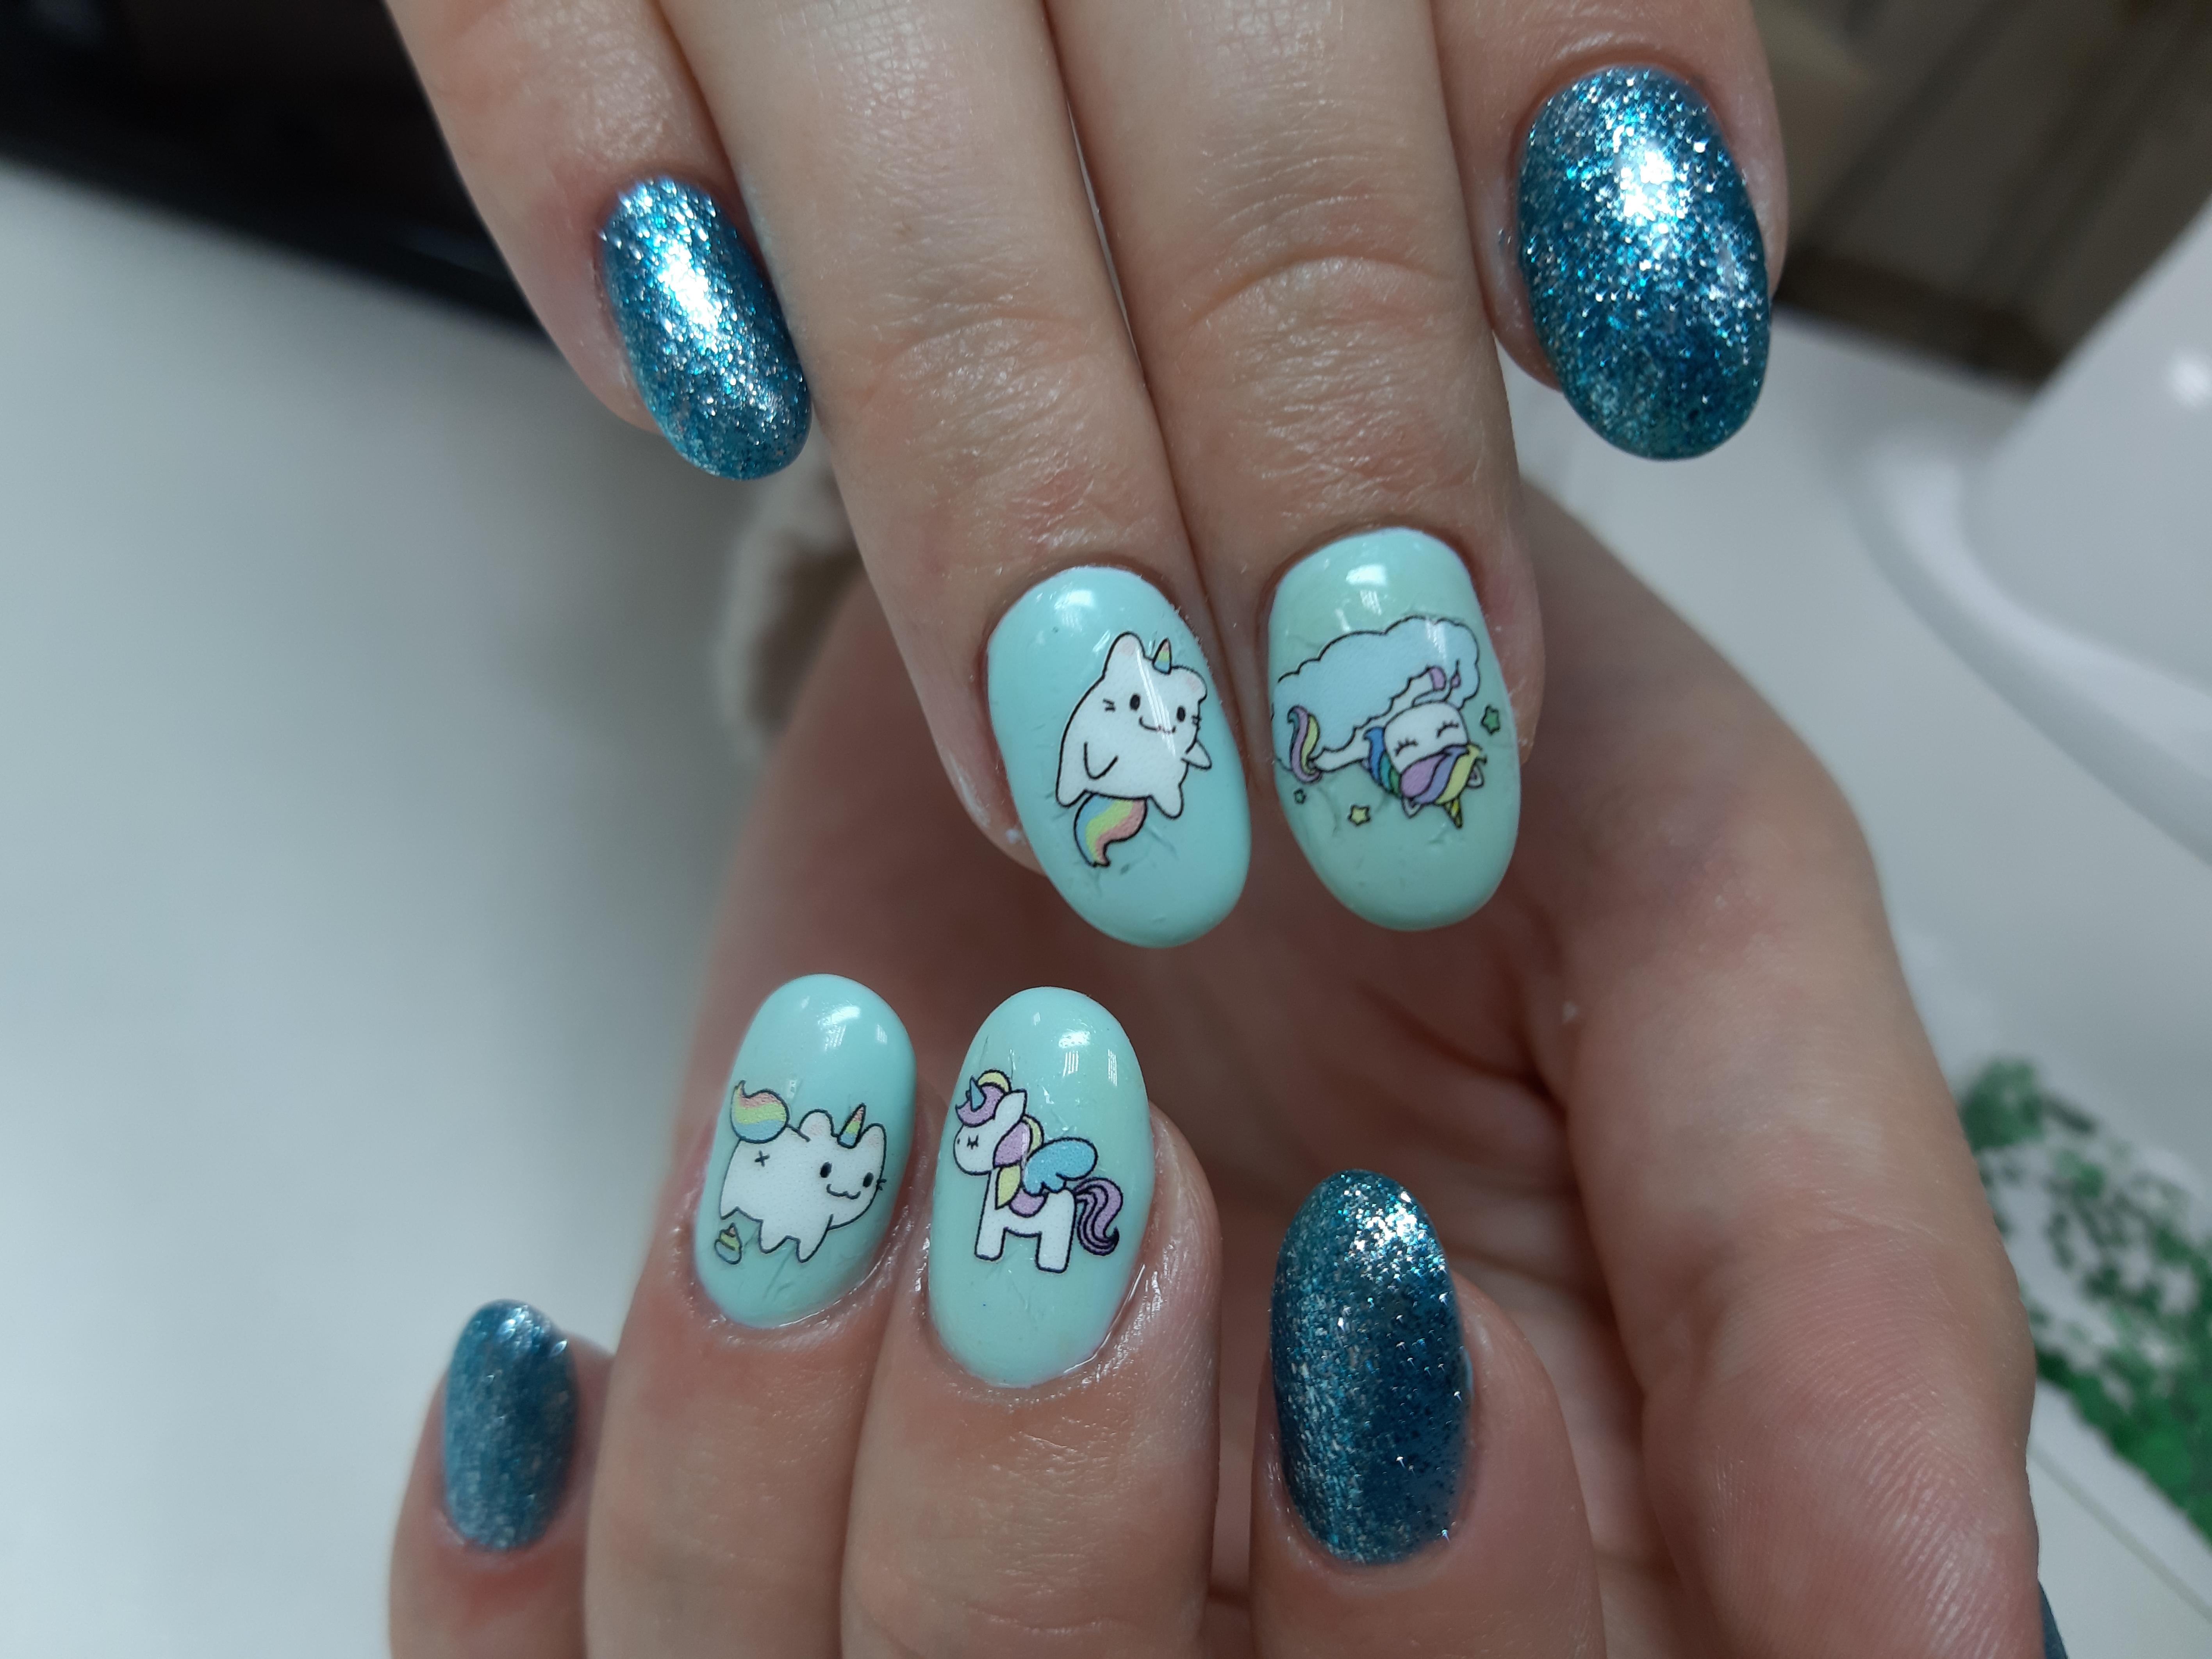 Маникюр с мультяшными слайдерами и блестками в голубом цвете.